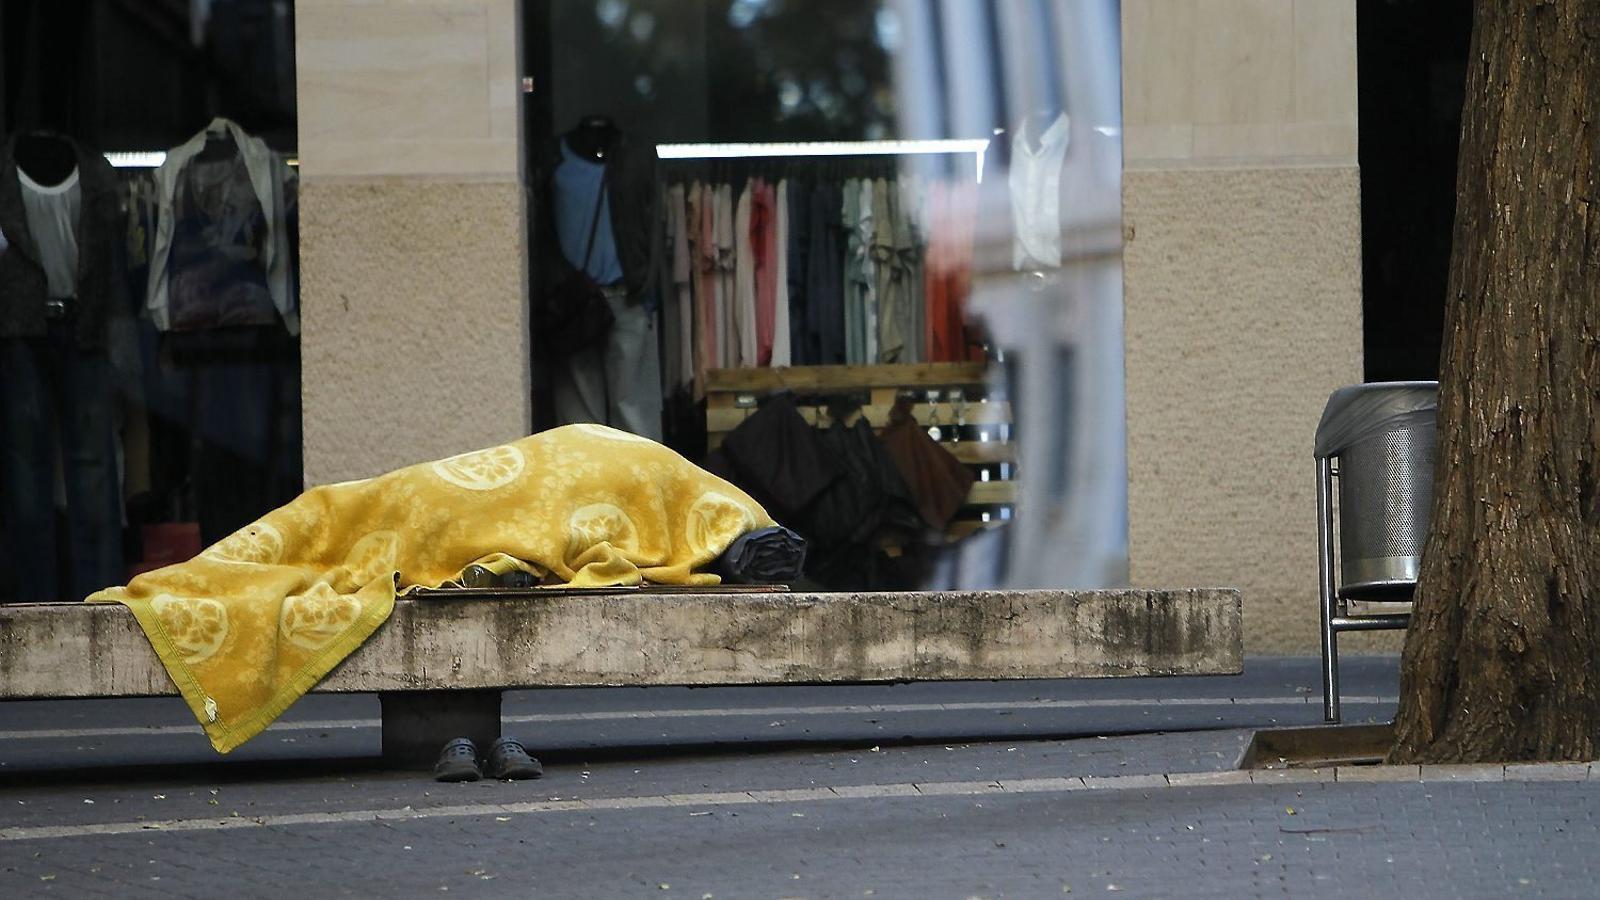 Una persona sense sostre dorm a un banc d'un carrer del centre de Palma